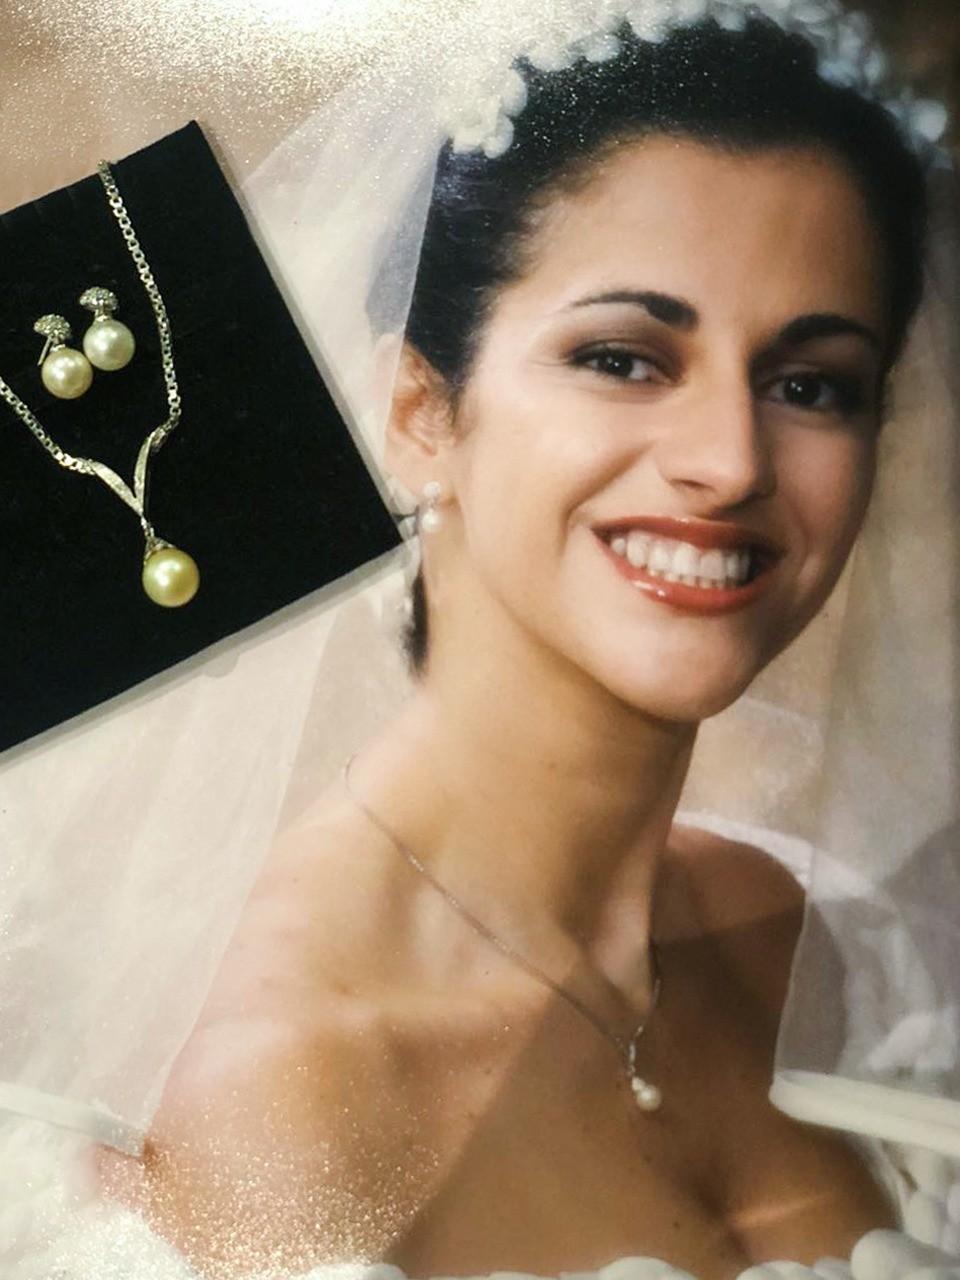 Patricia Gaiotto mostra o colar que herdou da mãe e o bar de brincos que ganhou do marido (Foto: divulgação)